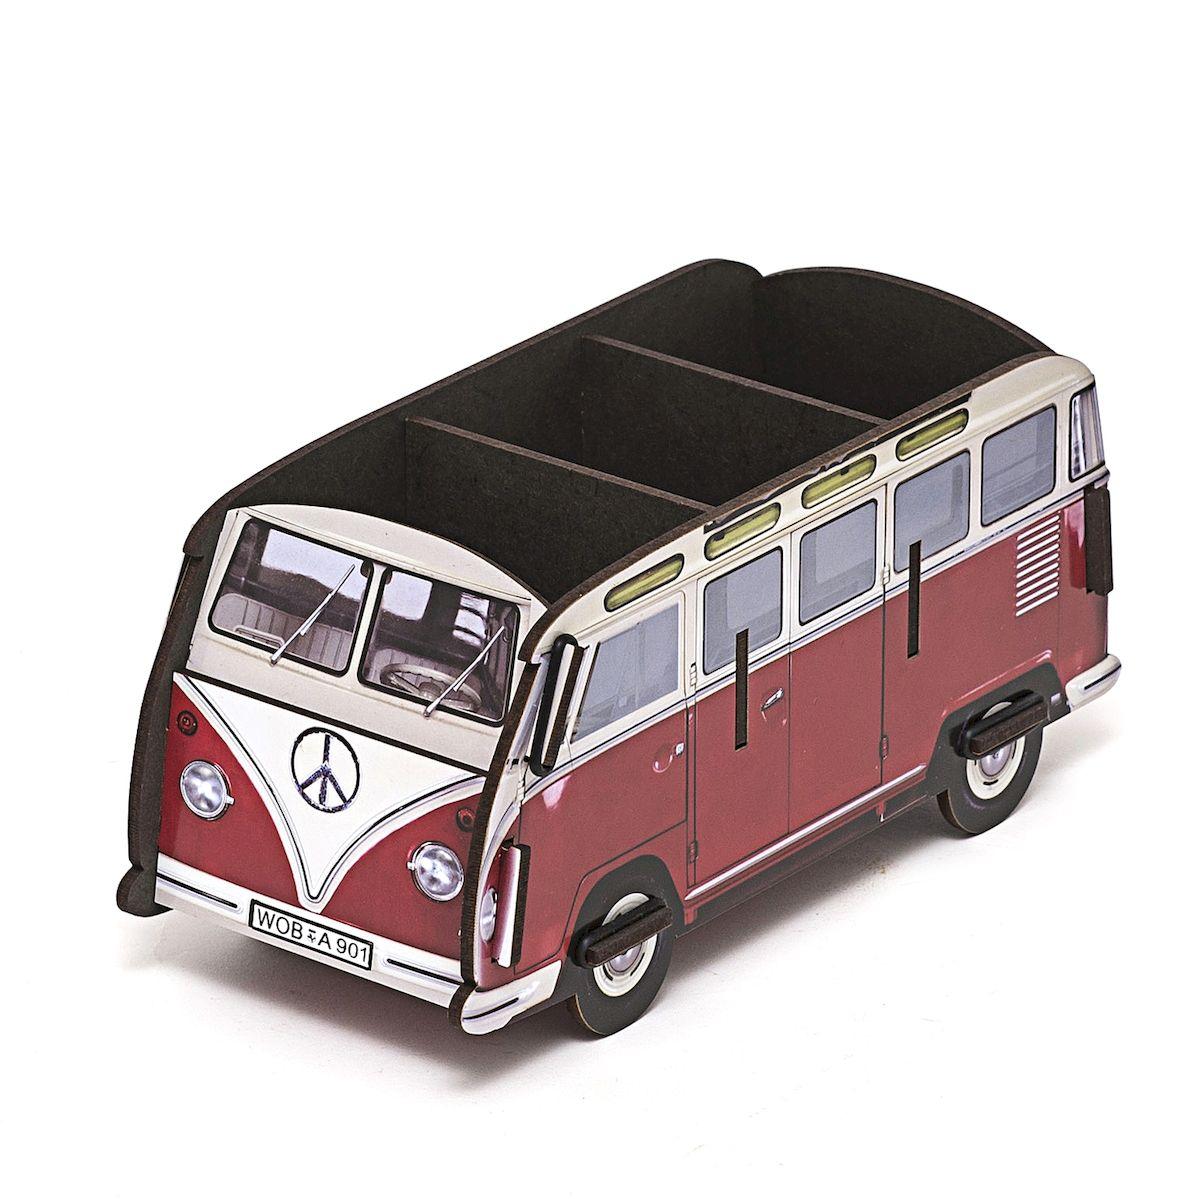 Органайзер настольный Homsu Оld Bus, 22,5 x 9,5 х 10,5 смTD 0033Органайзер настольный Homsu Оld Bus выполнен из МДФ. Настольный органайзер в виде автобуса - это не только способ хранения косметики и других принадлежностей, но и настоящее украшение интерьера. Изделие имеет необычный дизайн и множество отделений сверху для хранения различных предметов.